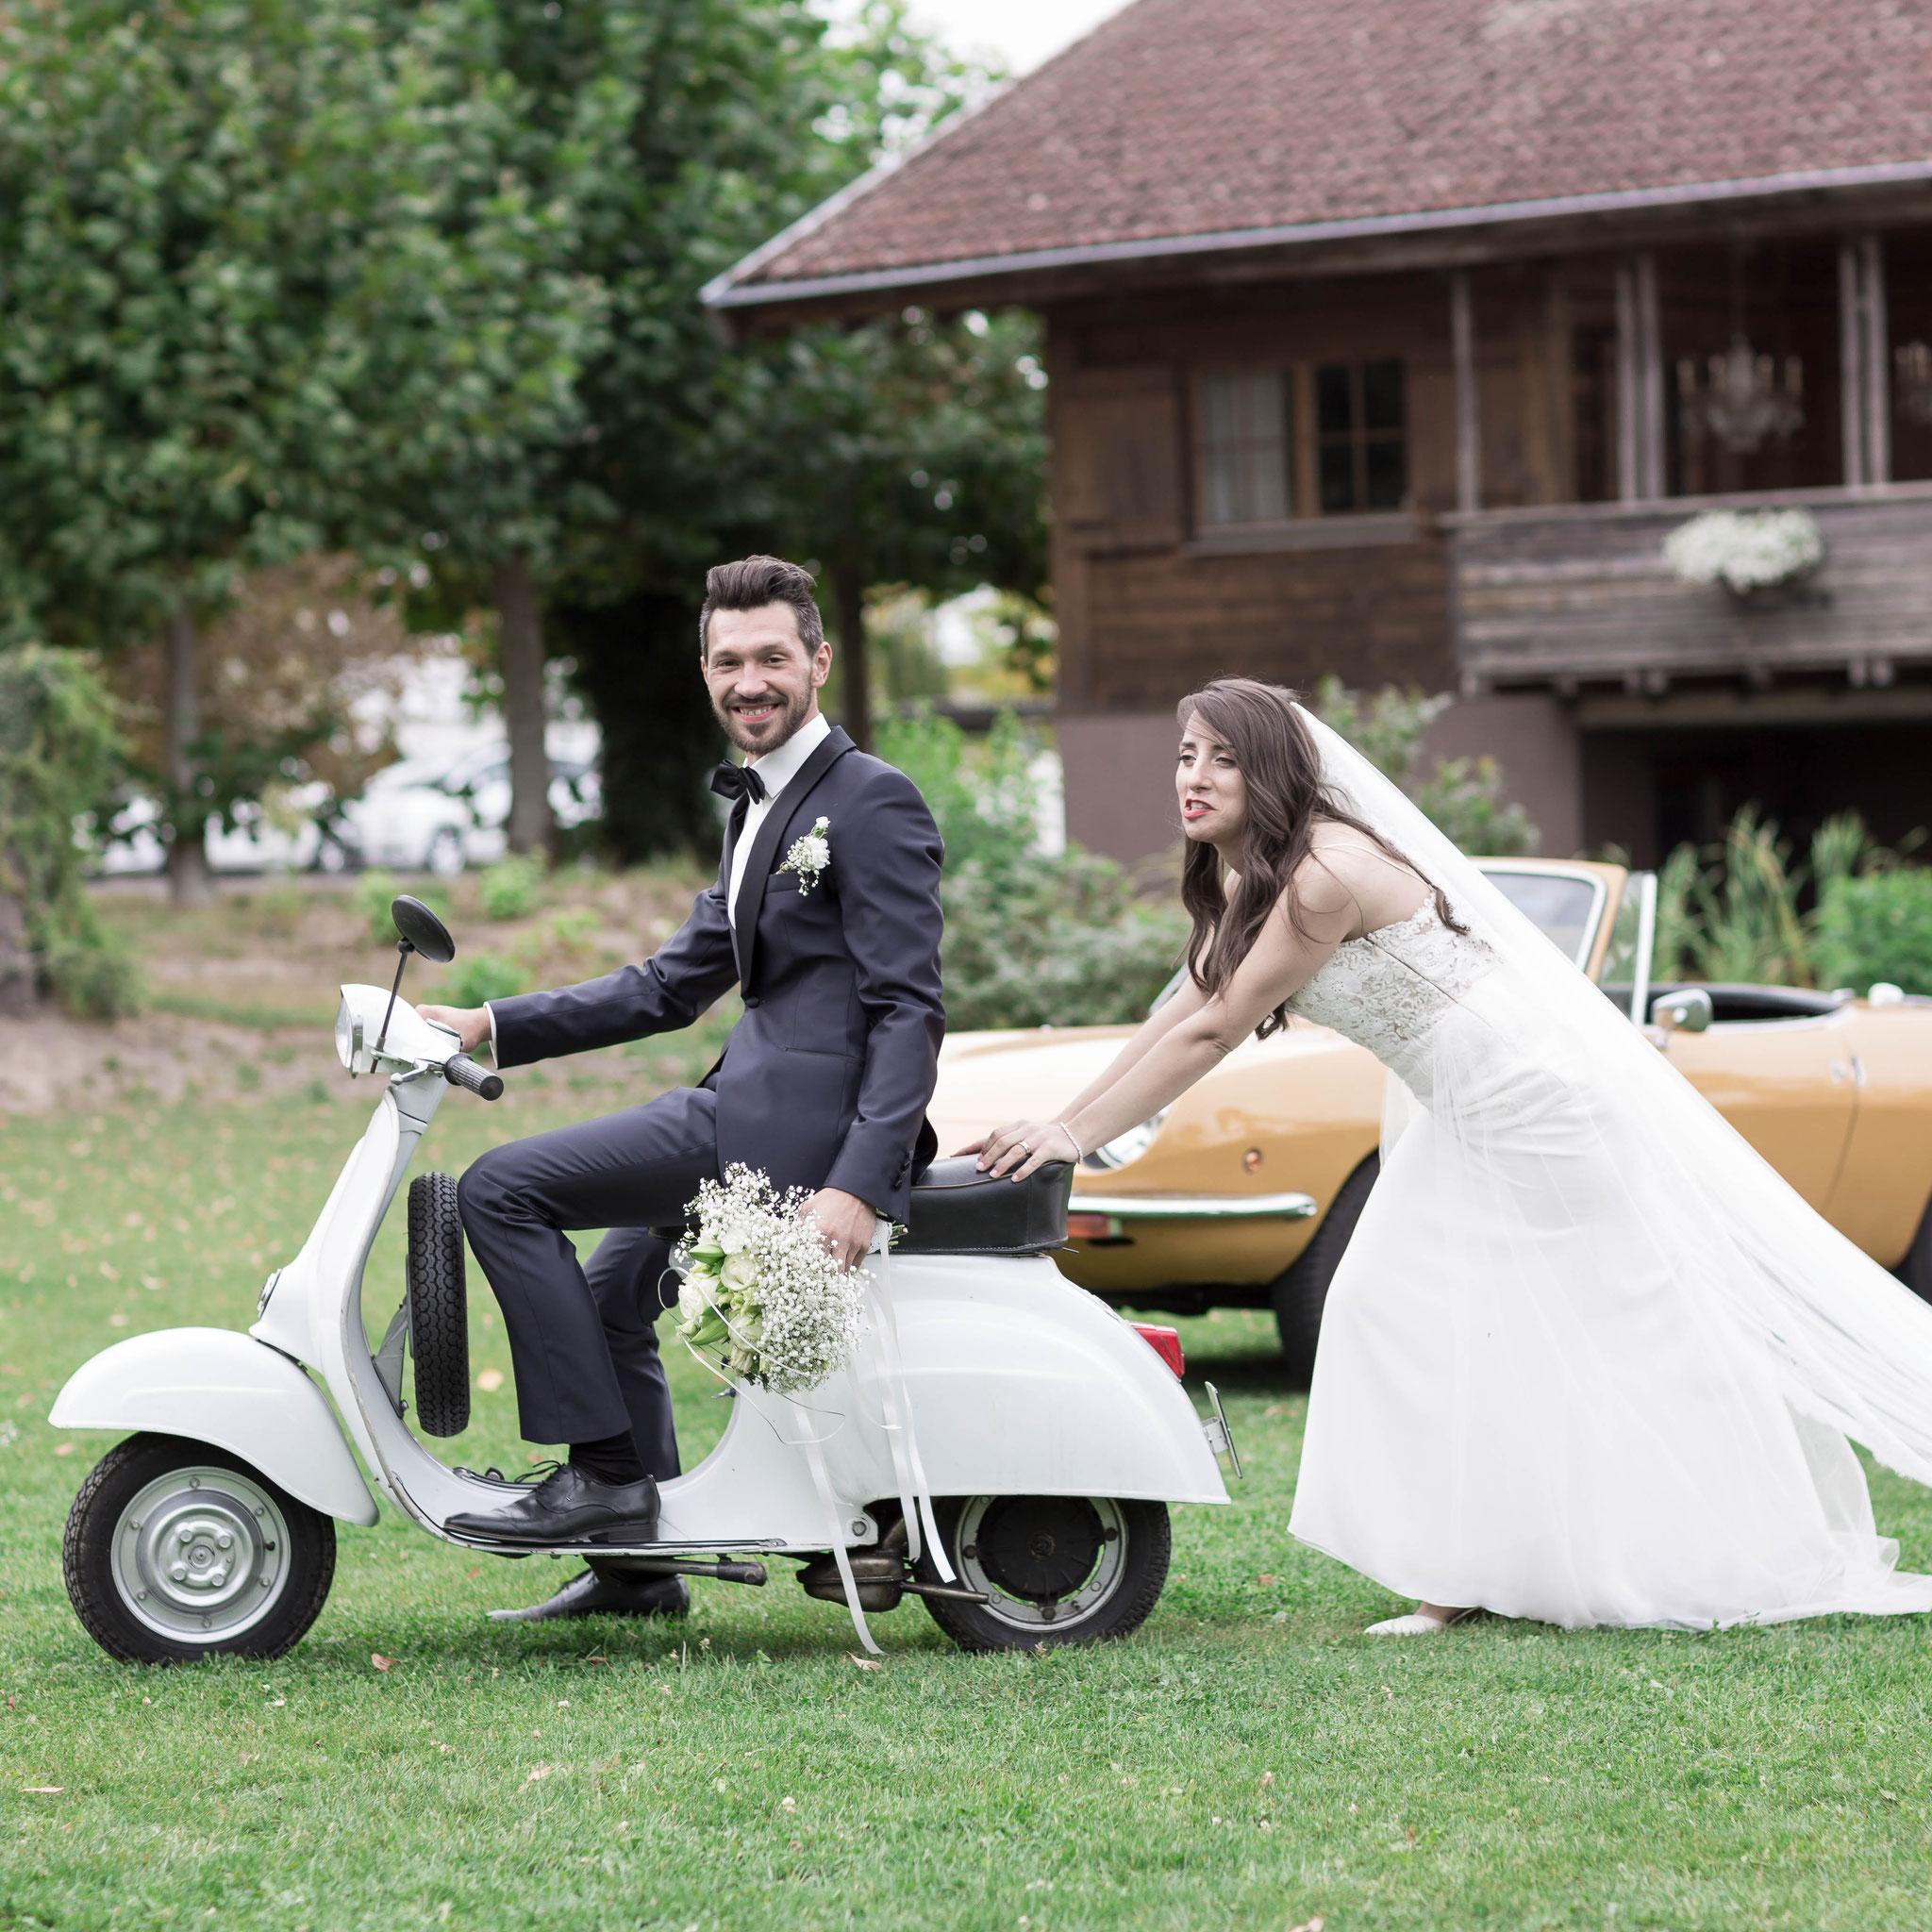 Fotograf für moderne russische Hochzeit in Essen